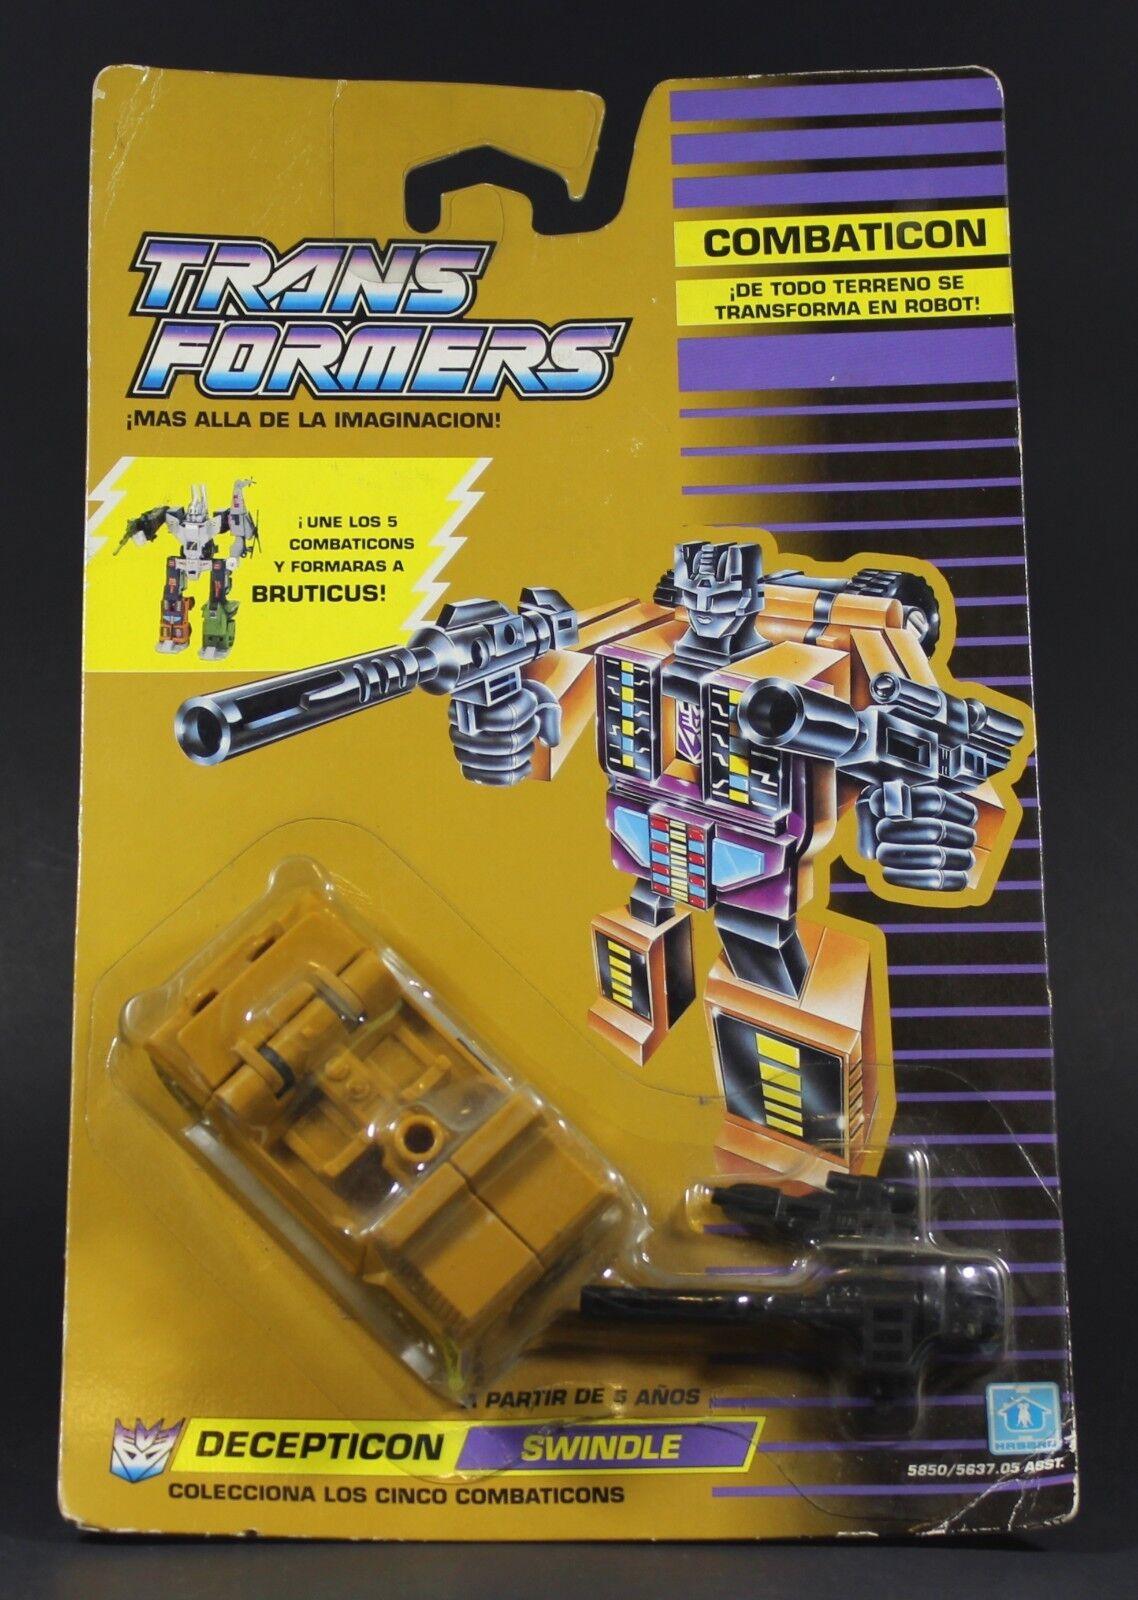 1986 Hasbro transformers G1 Combaticons escroquerie Jeep scellé  voiturete Comme neuf sur scellé voiturete Bruticus  la meilleure sélection de